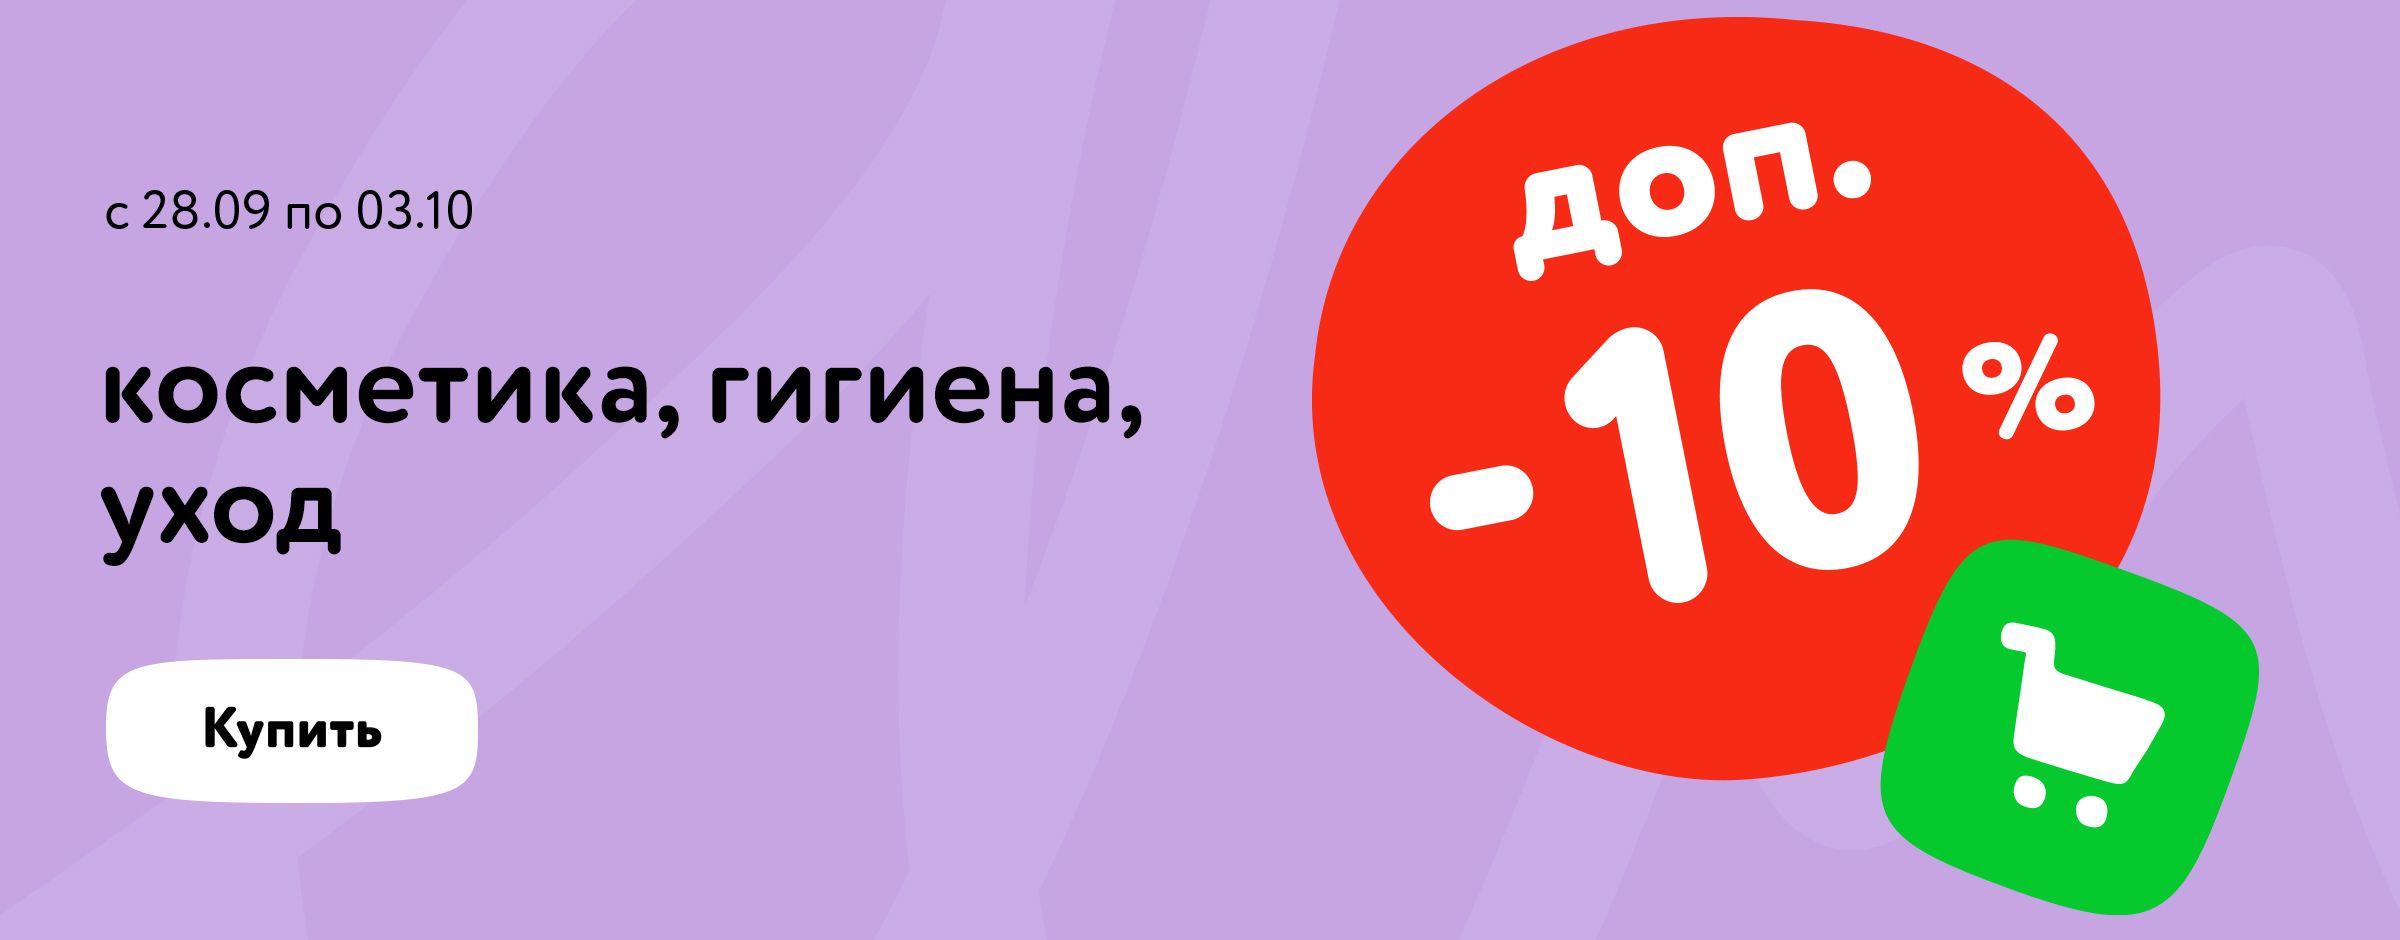 Доп.скидка 10% в корзине на косметику, товары для гигиены и ухода